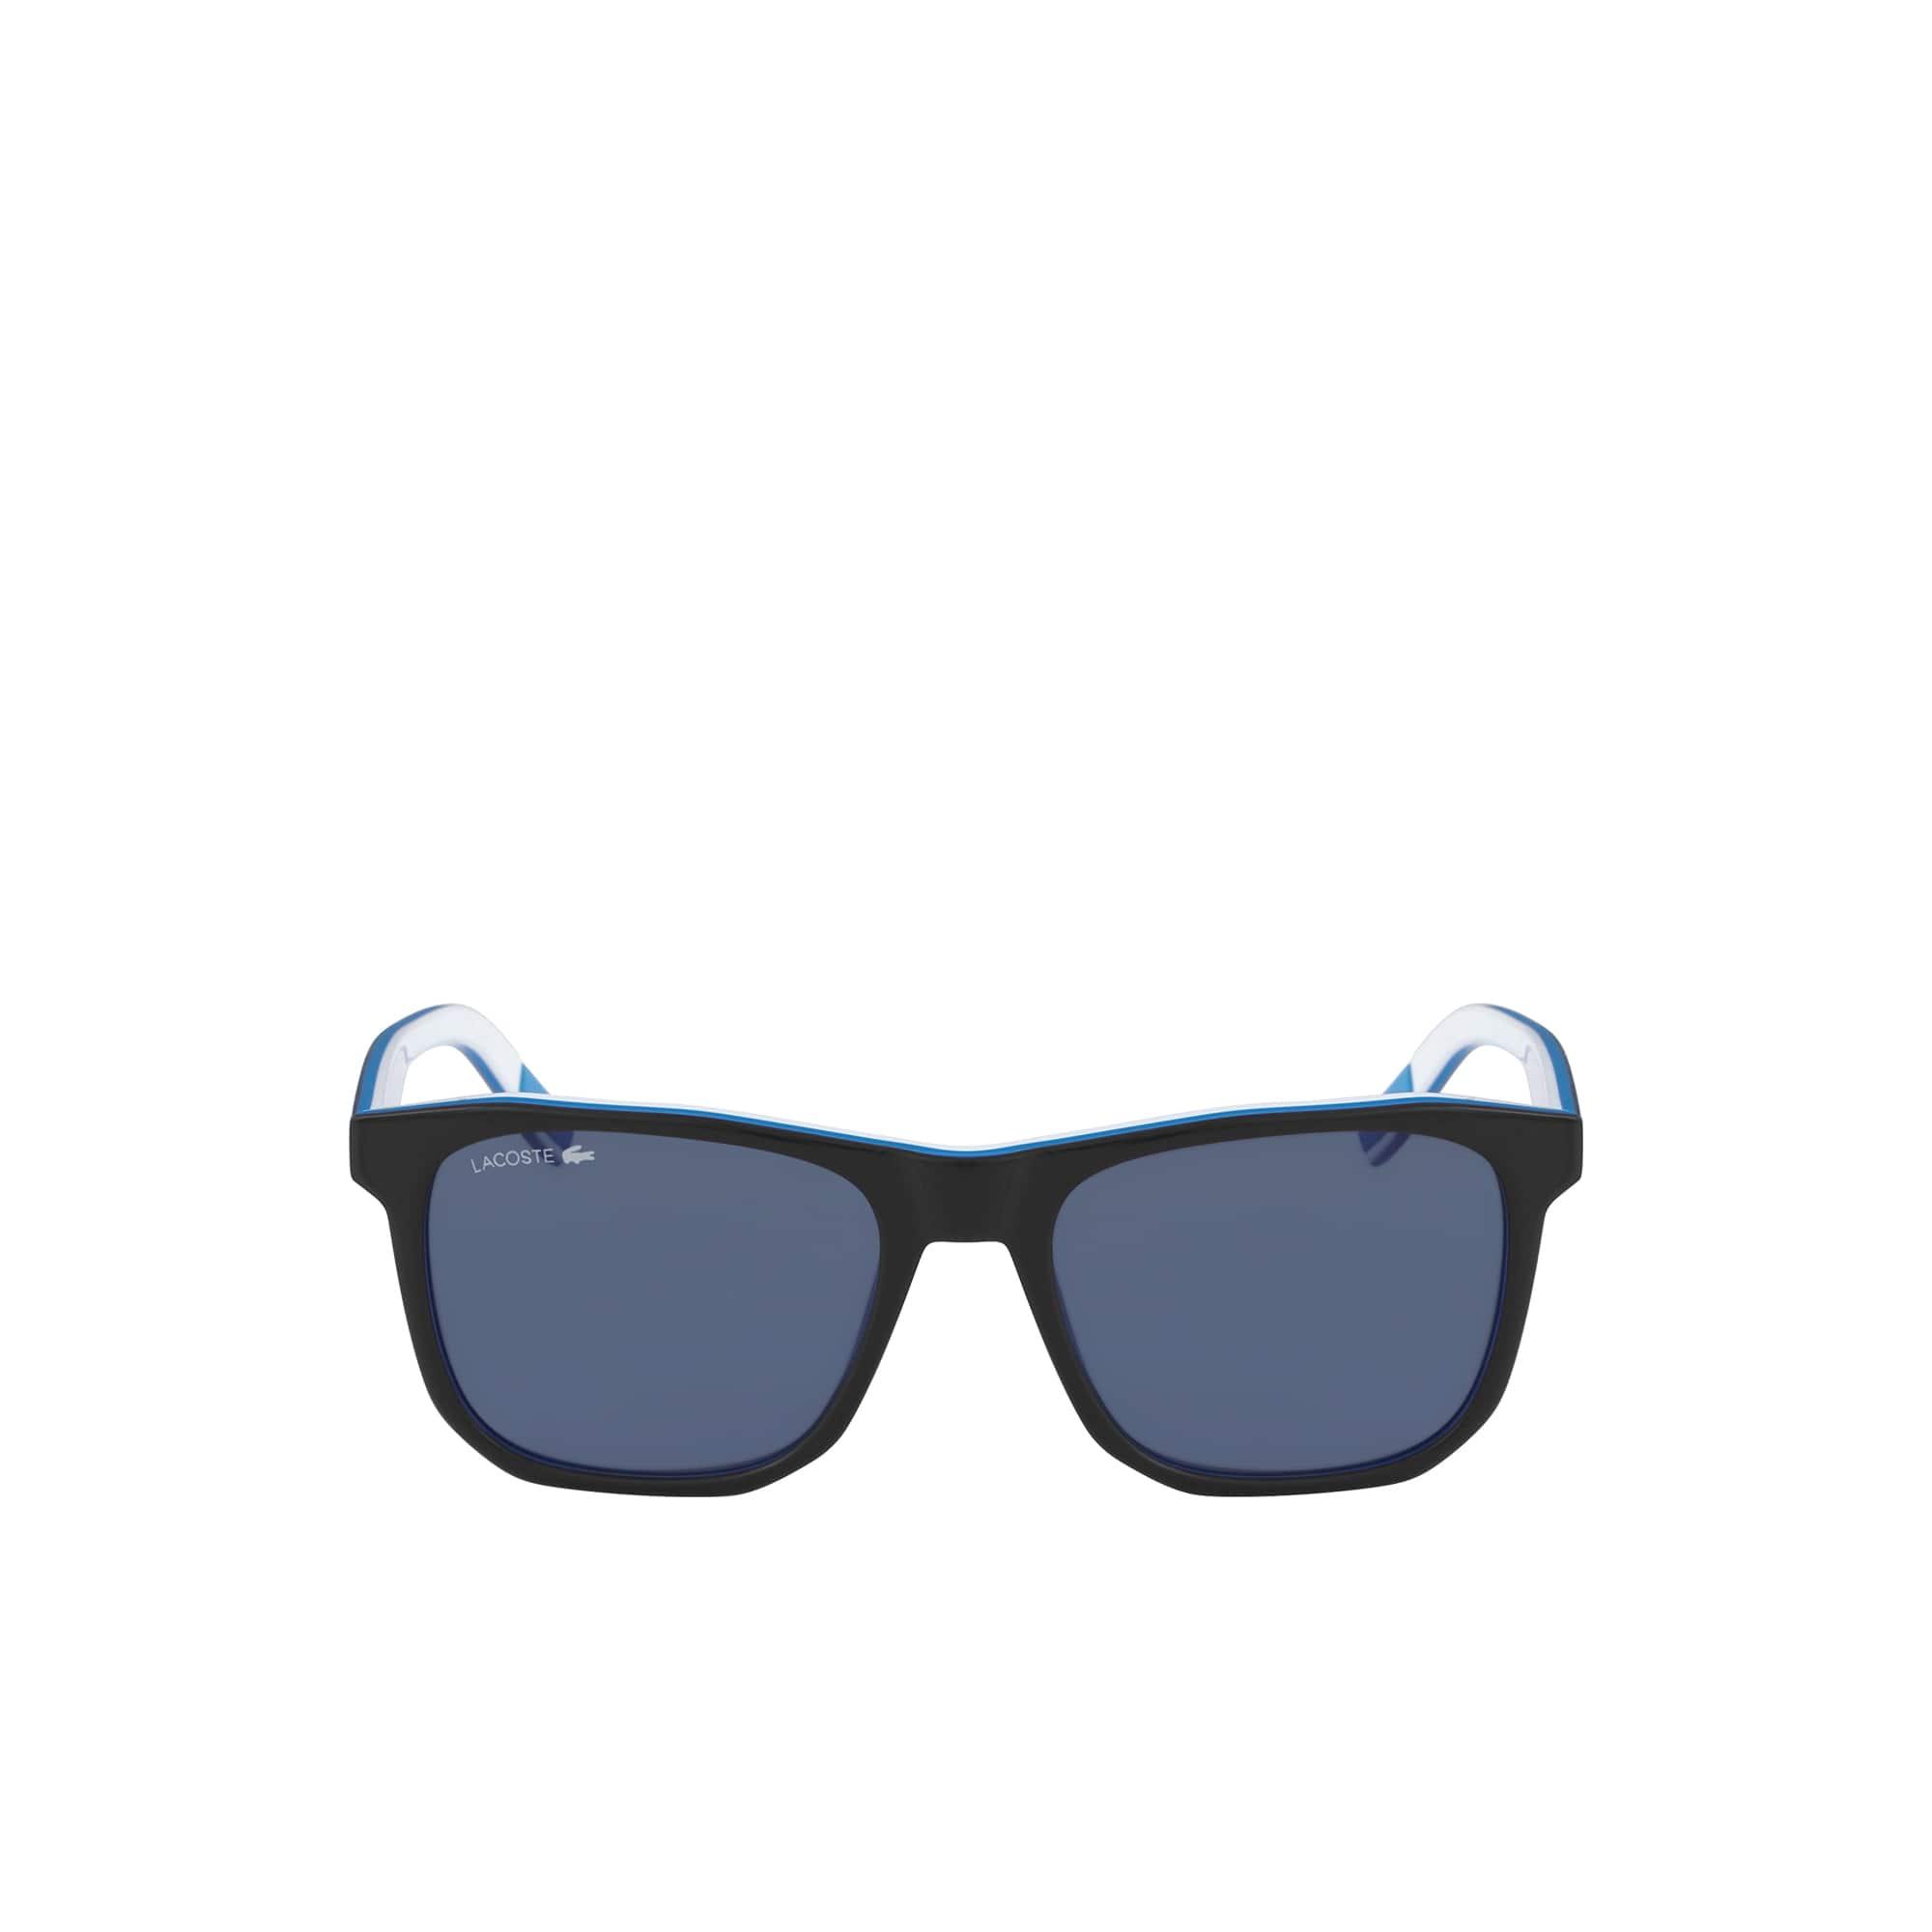 Gafas De Sol Lt12 Para Hombre Con Rayas Y Ribete Y Montura De Acetato